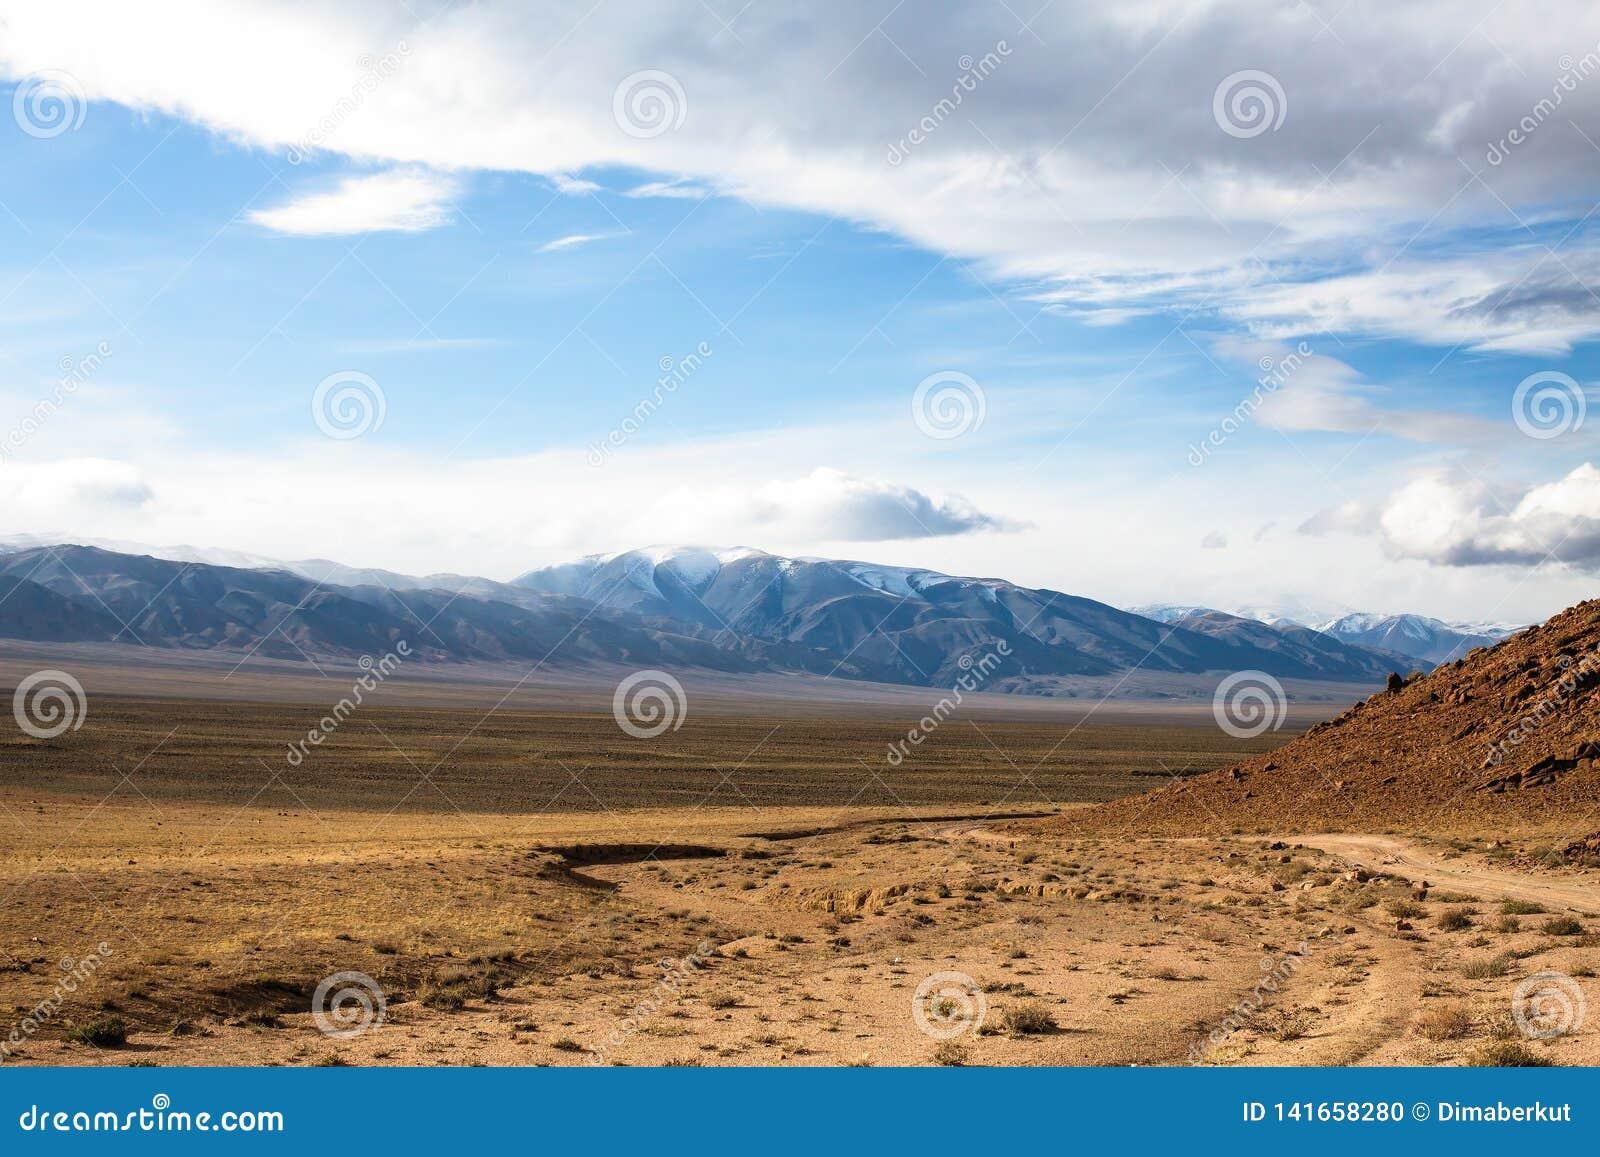 西部蒙古干草原的风景在山麓小丘的 旅行